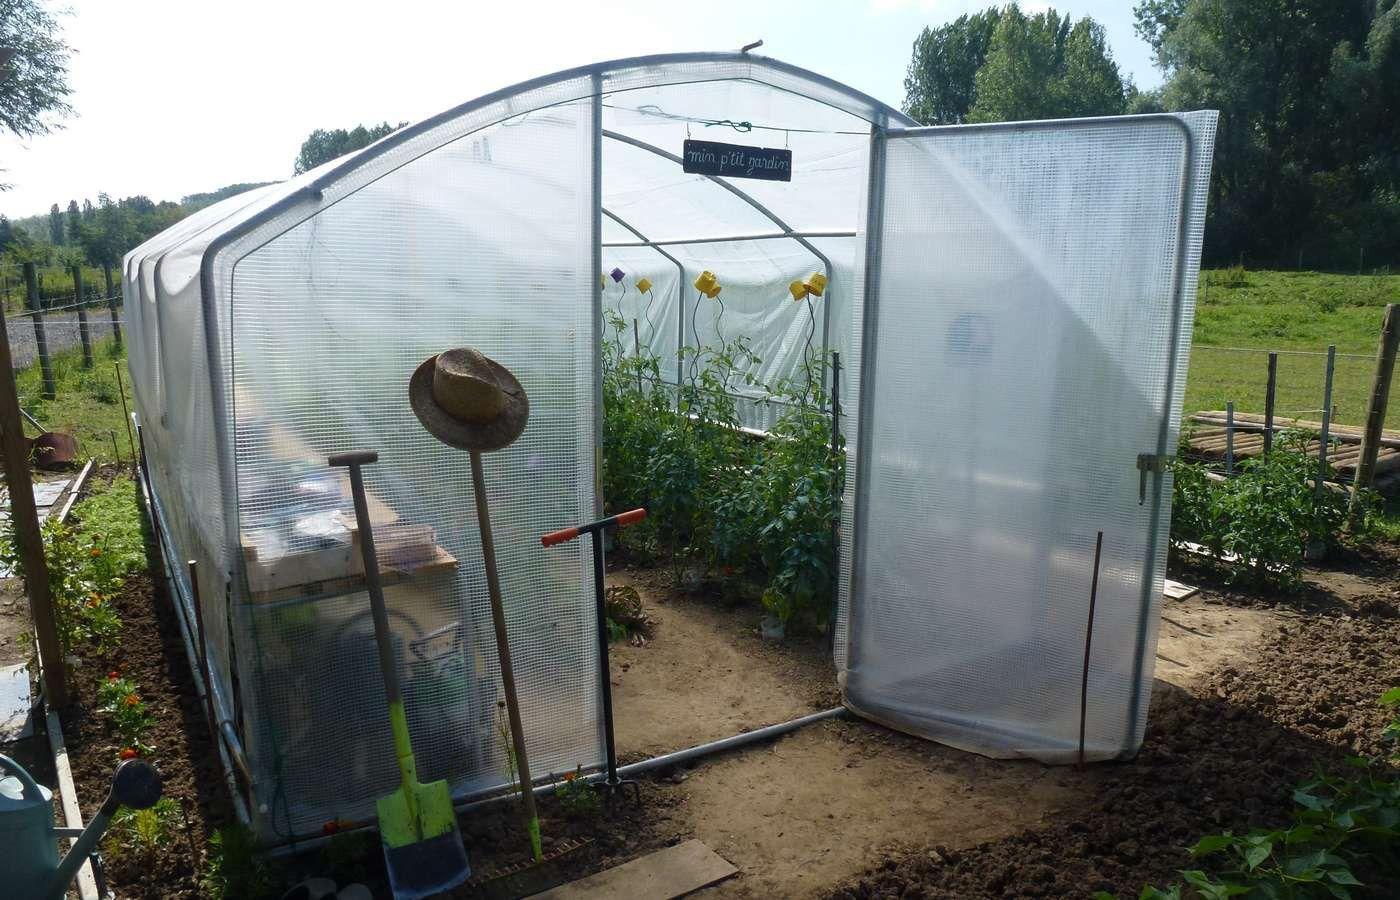 Serre De Jardin 4 Saisons Plus 18M2 400 X 450 Cm Et Kit ... concernant Serre De Jardin Polycarbonate 18M2